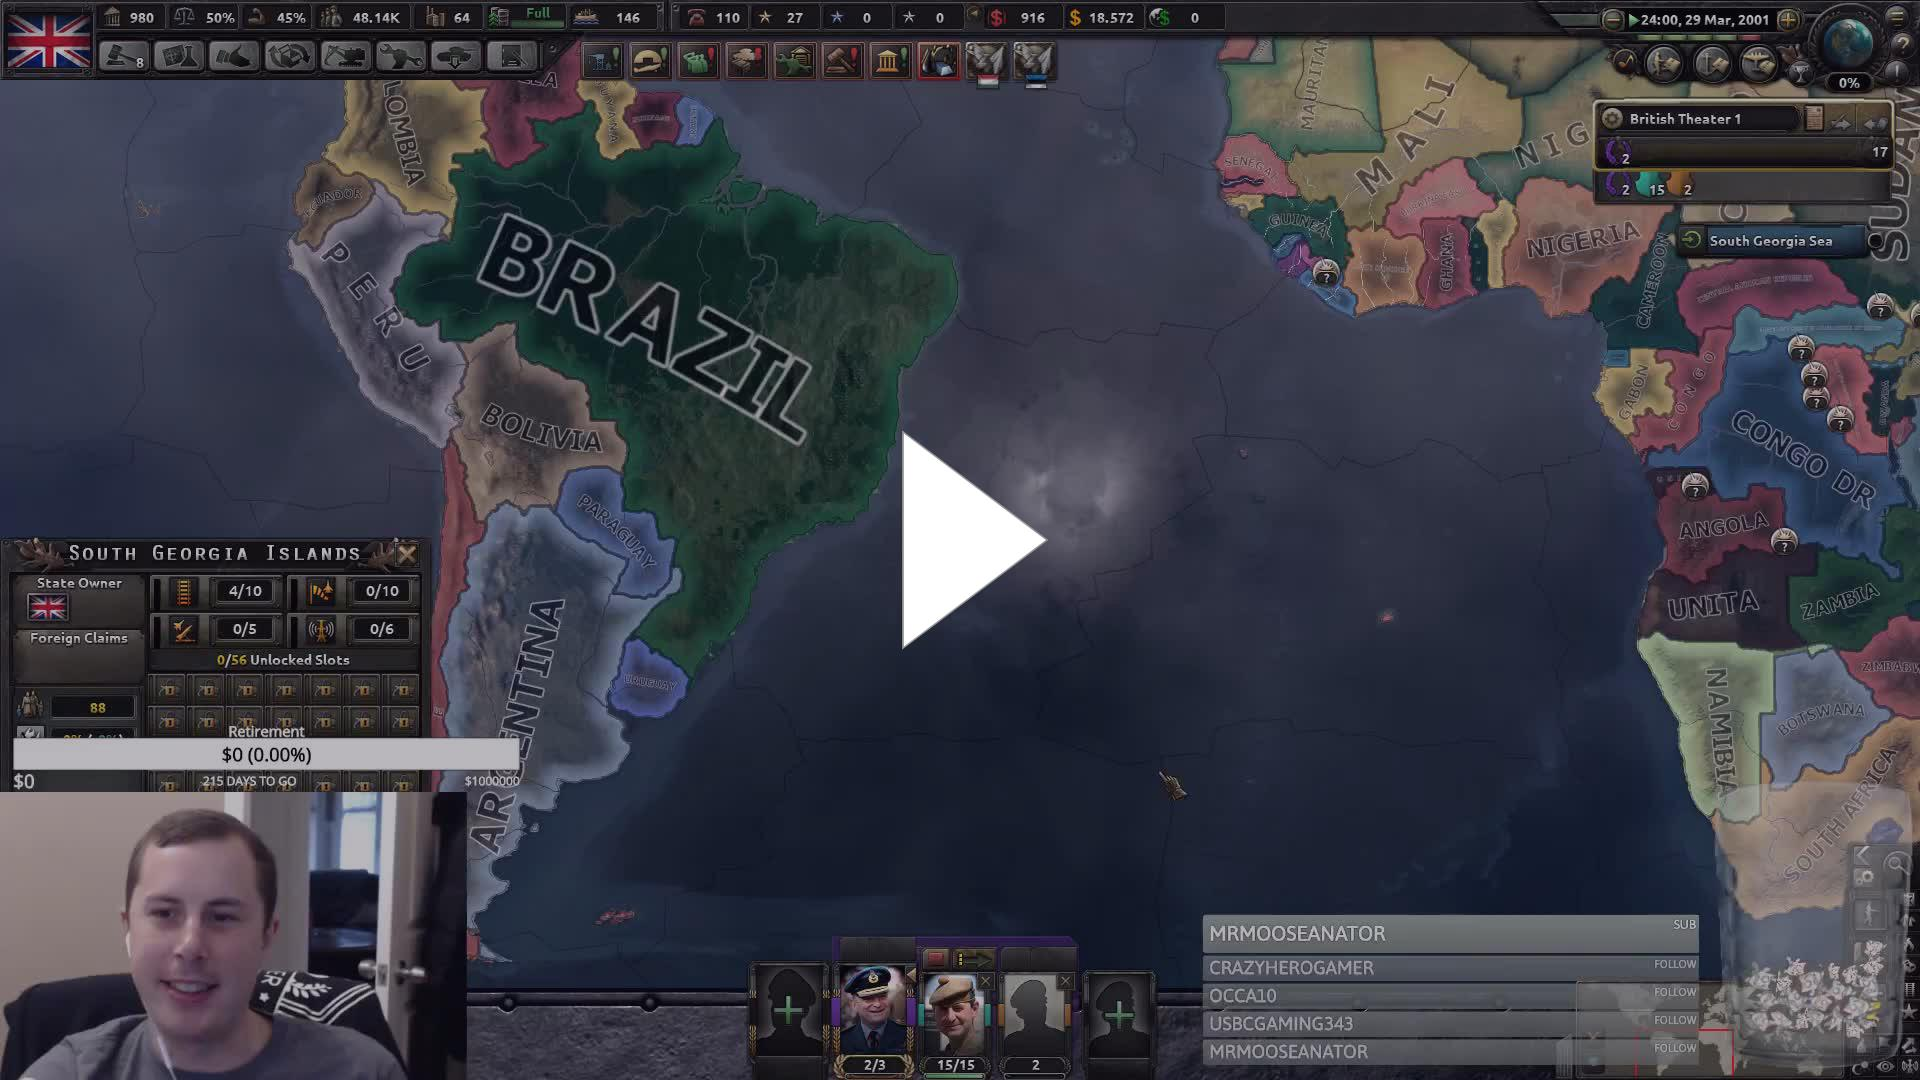 TheRambler146 - Sexy Balding Man Makes an Empire (HOI4